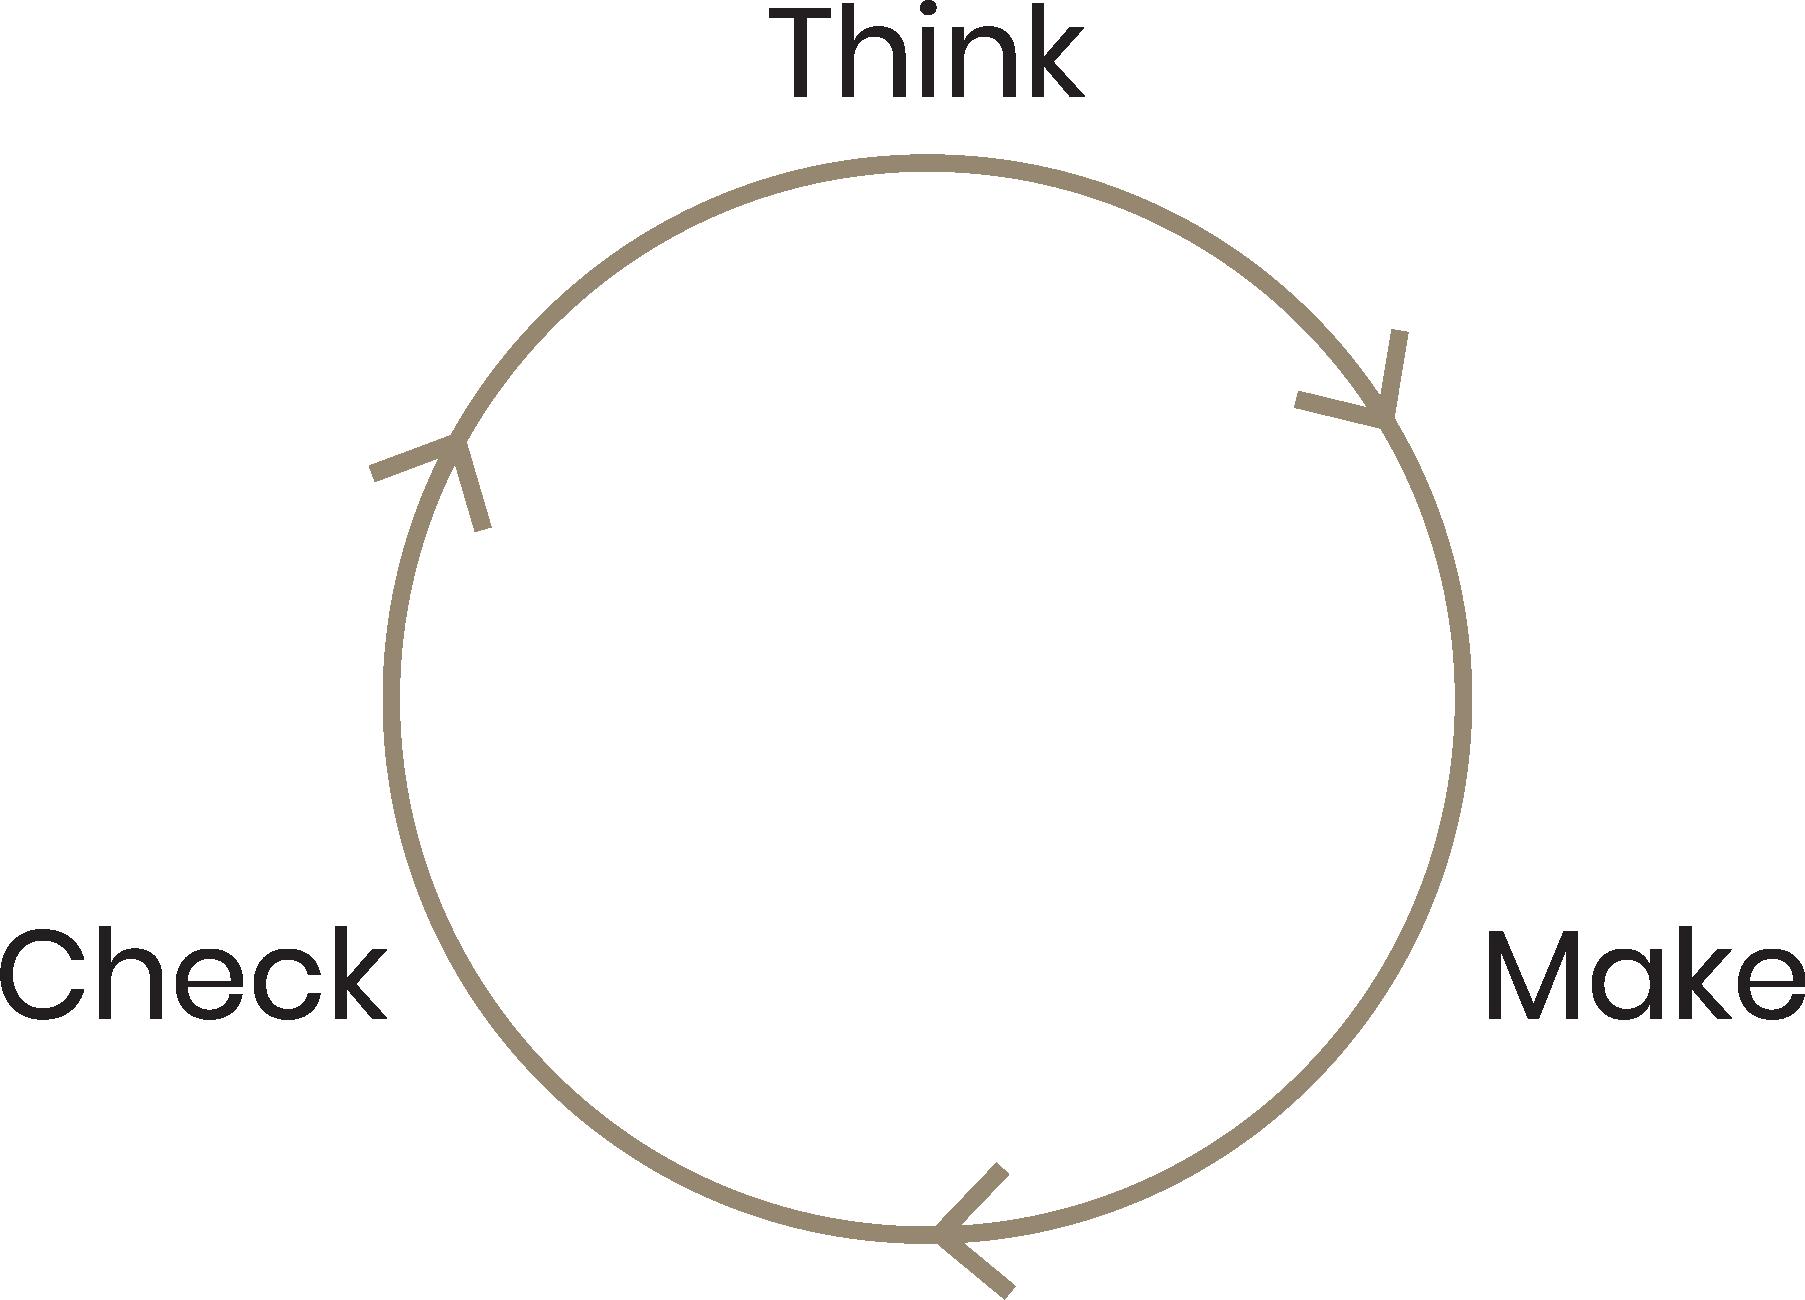 think-make-check